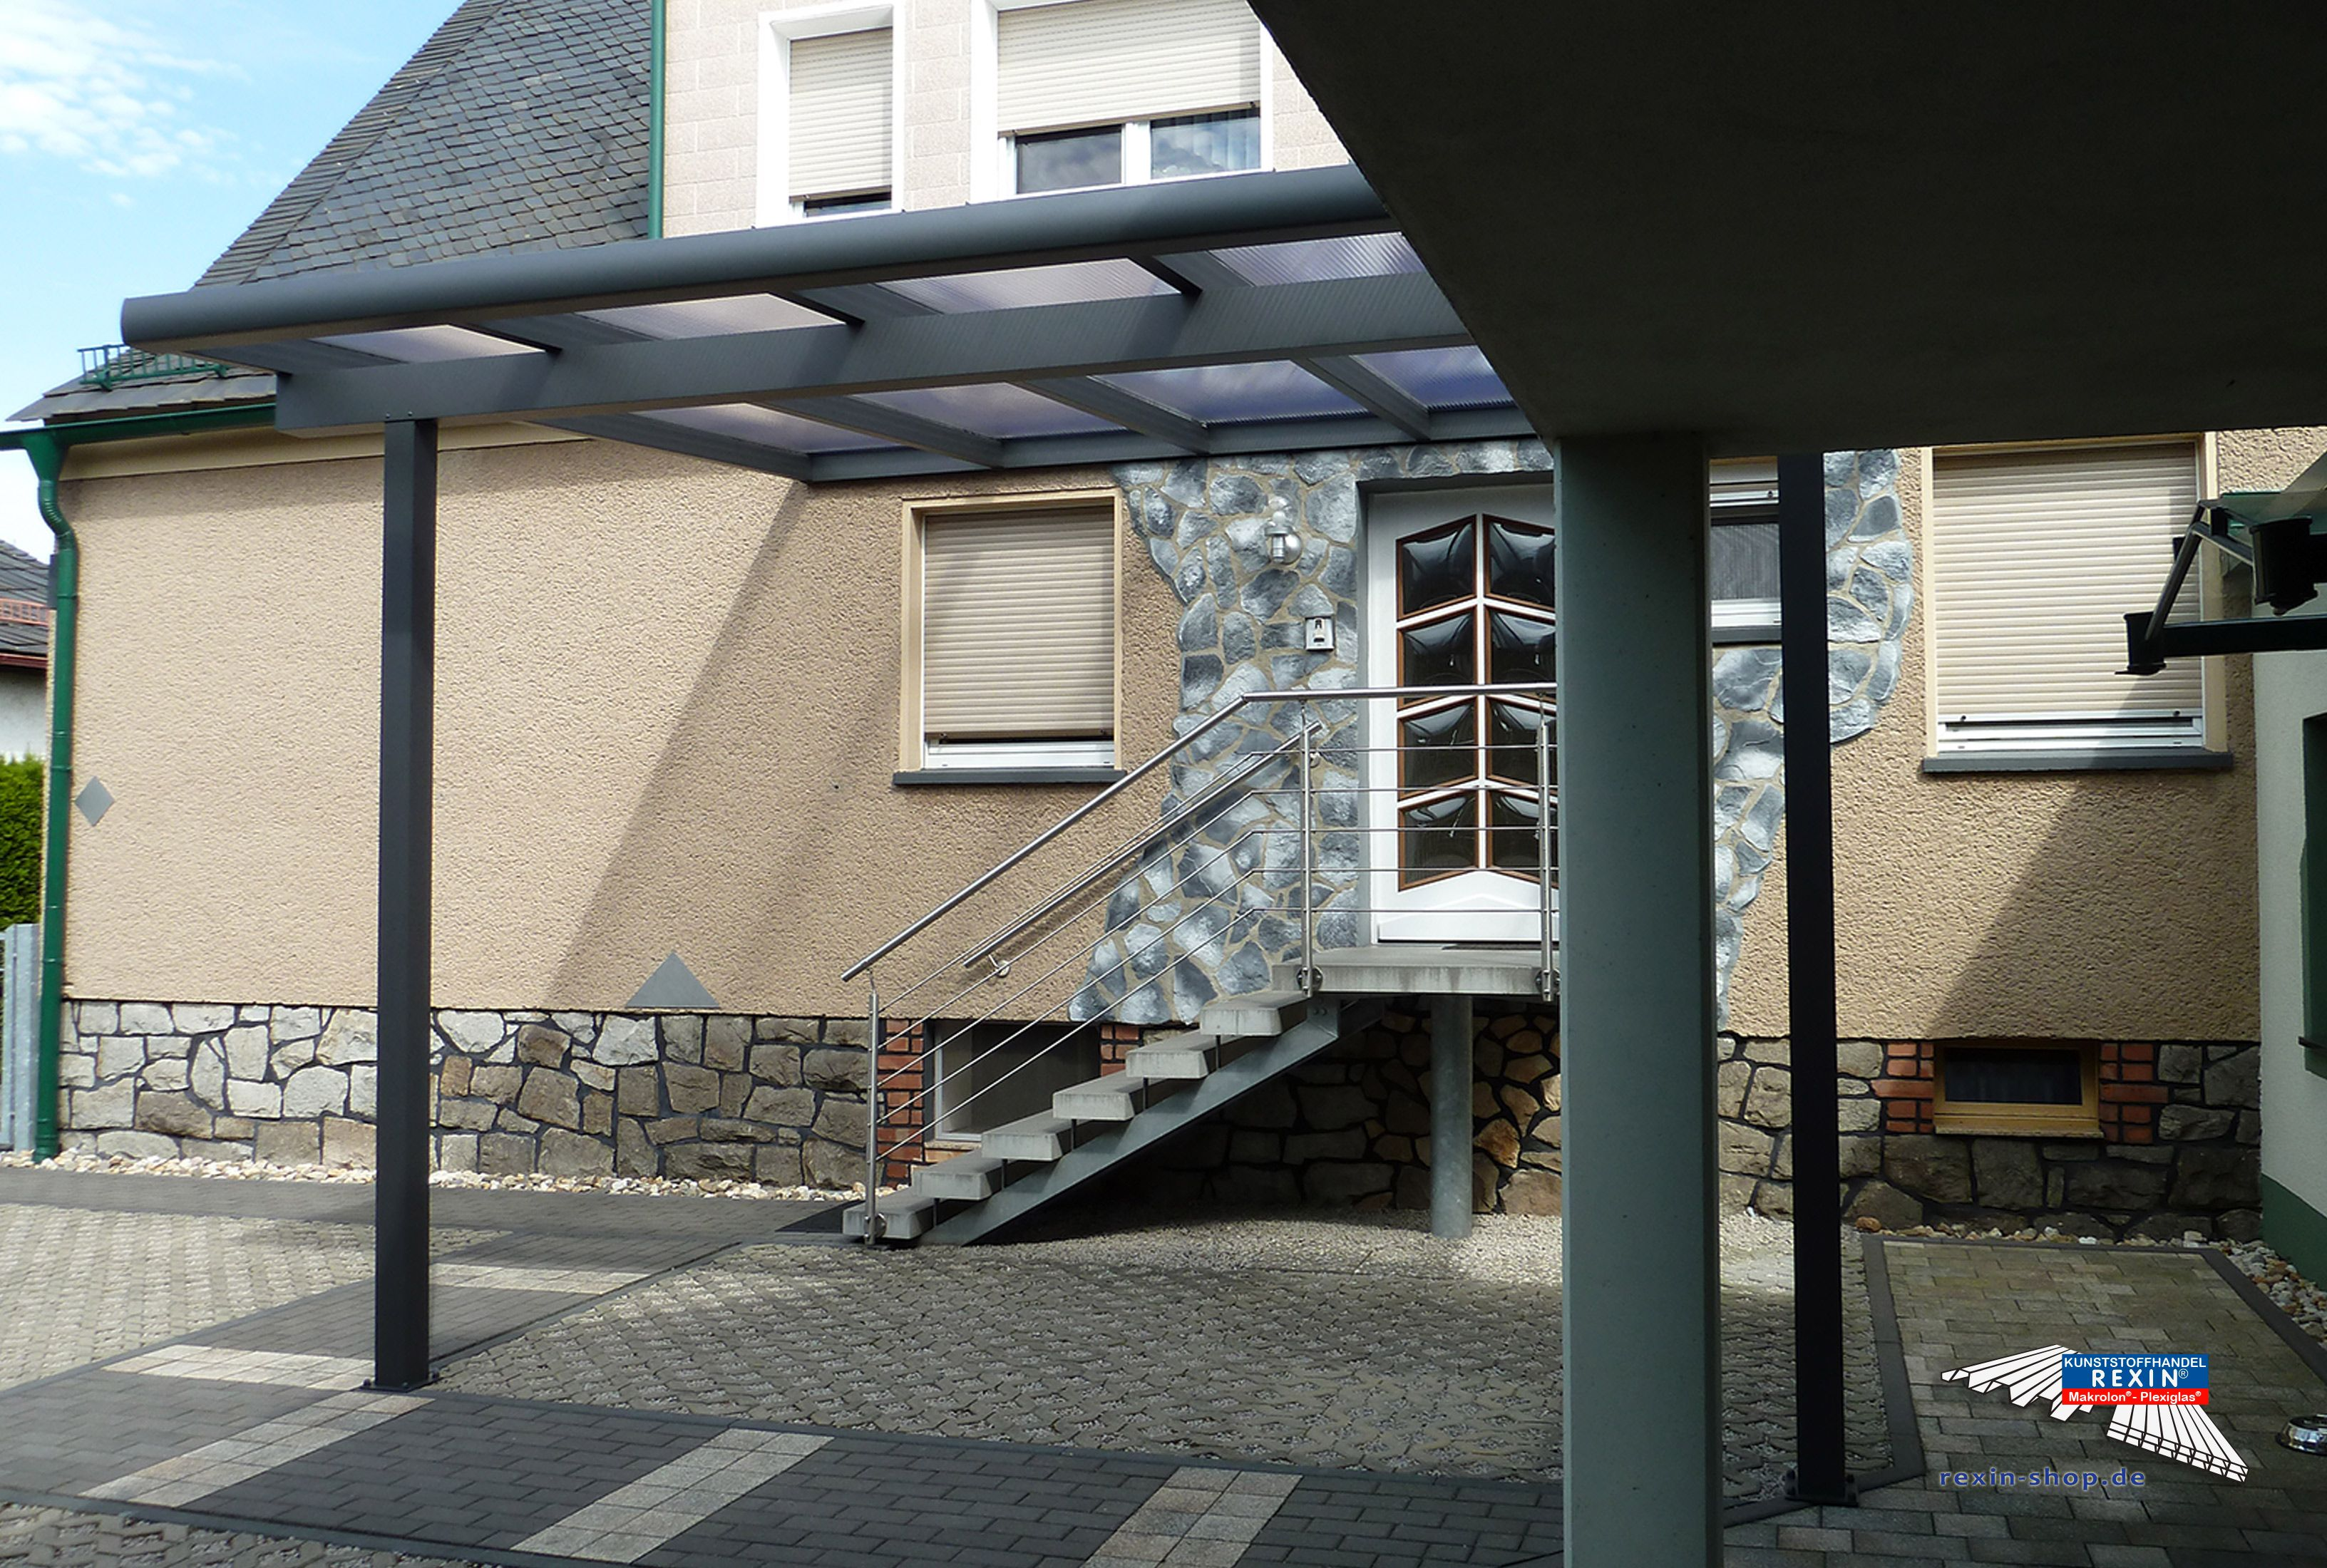 ae95871192a7191cbd8c21a2df1a2022 Inspiration Sichtschutz Balkon Einseitig Durchsichtig Schema